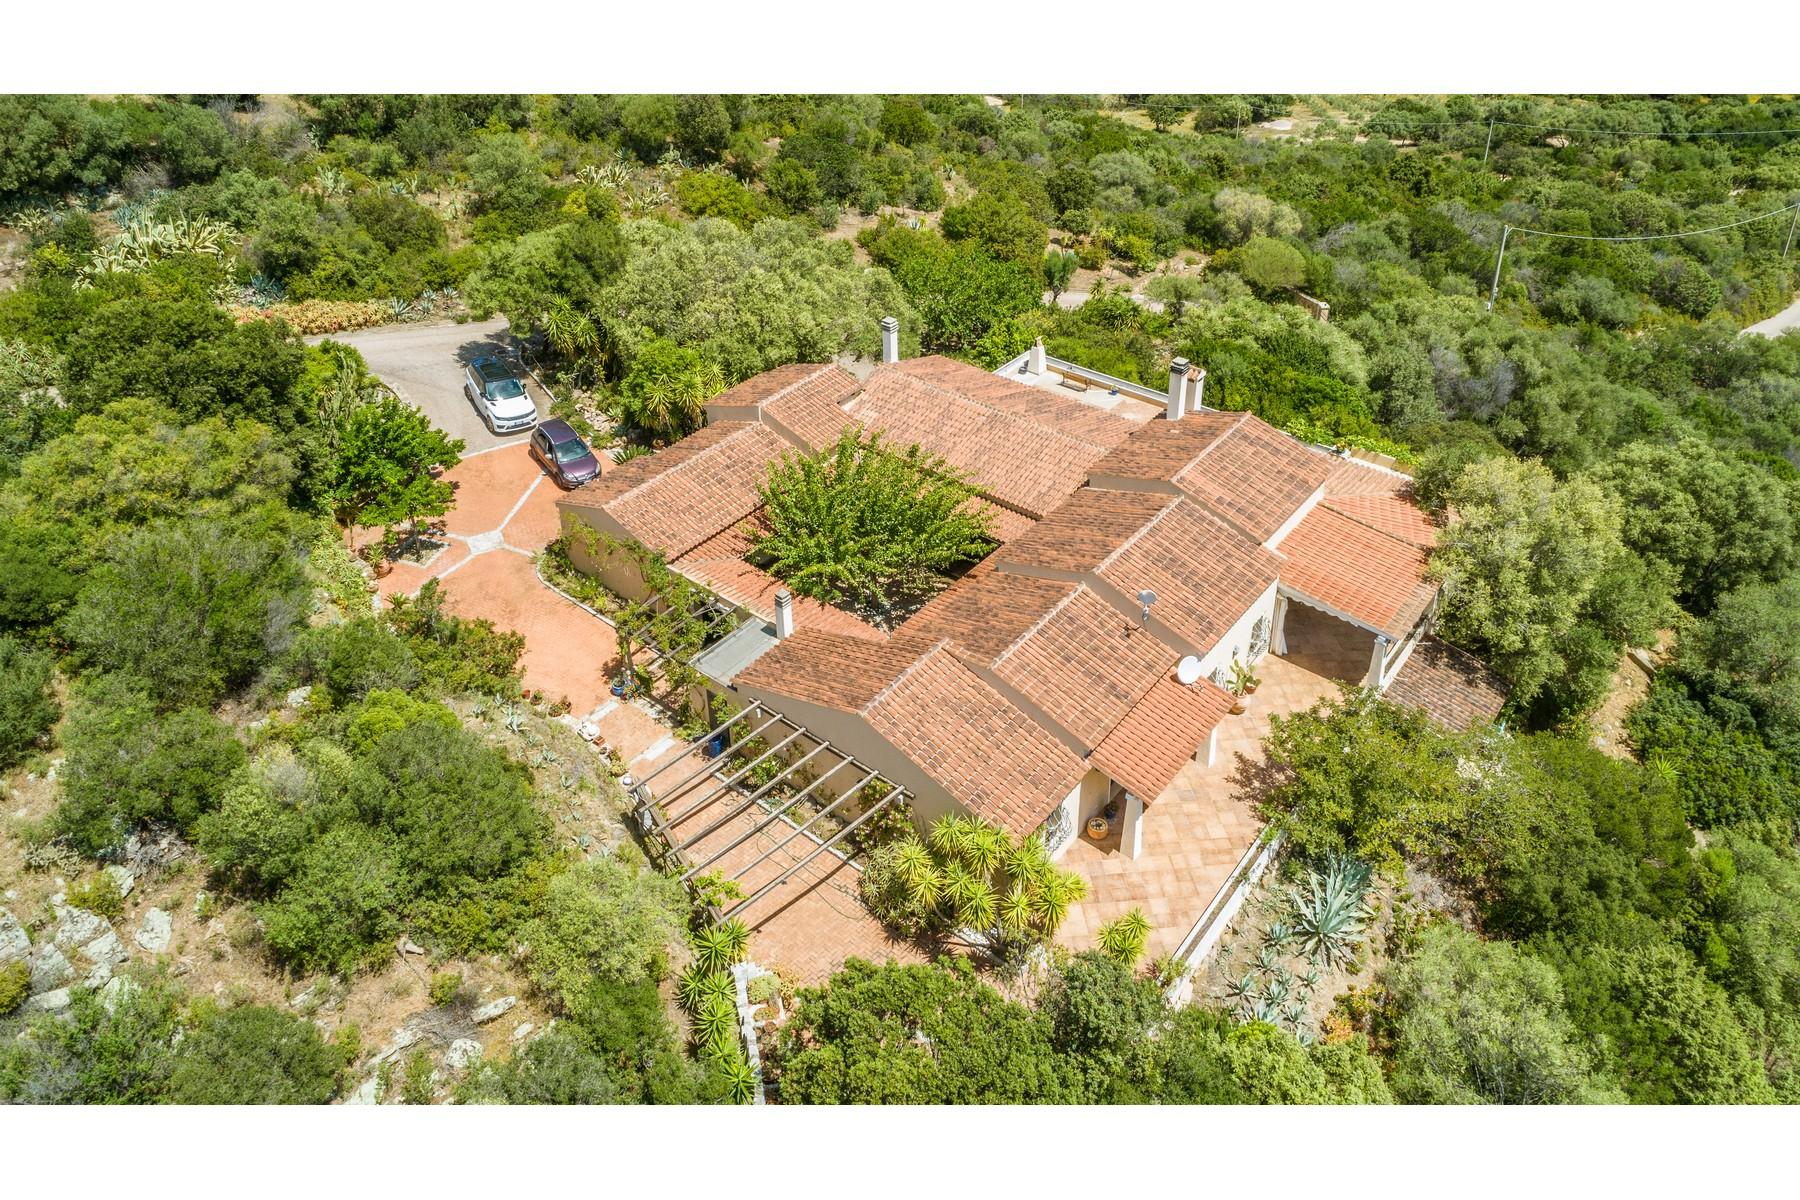 Villa in Vendita a Olbia: 5 locali, 483 mq - Foto 3